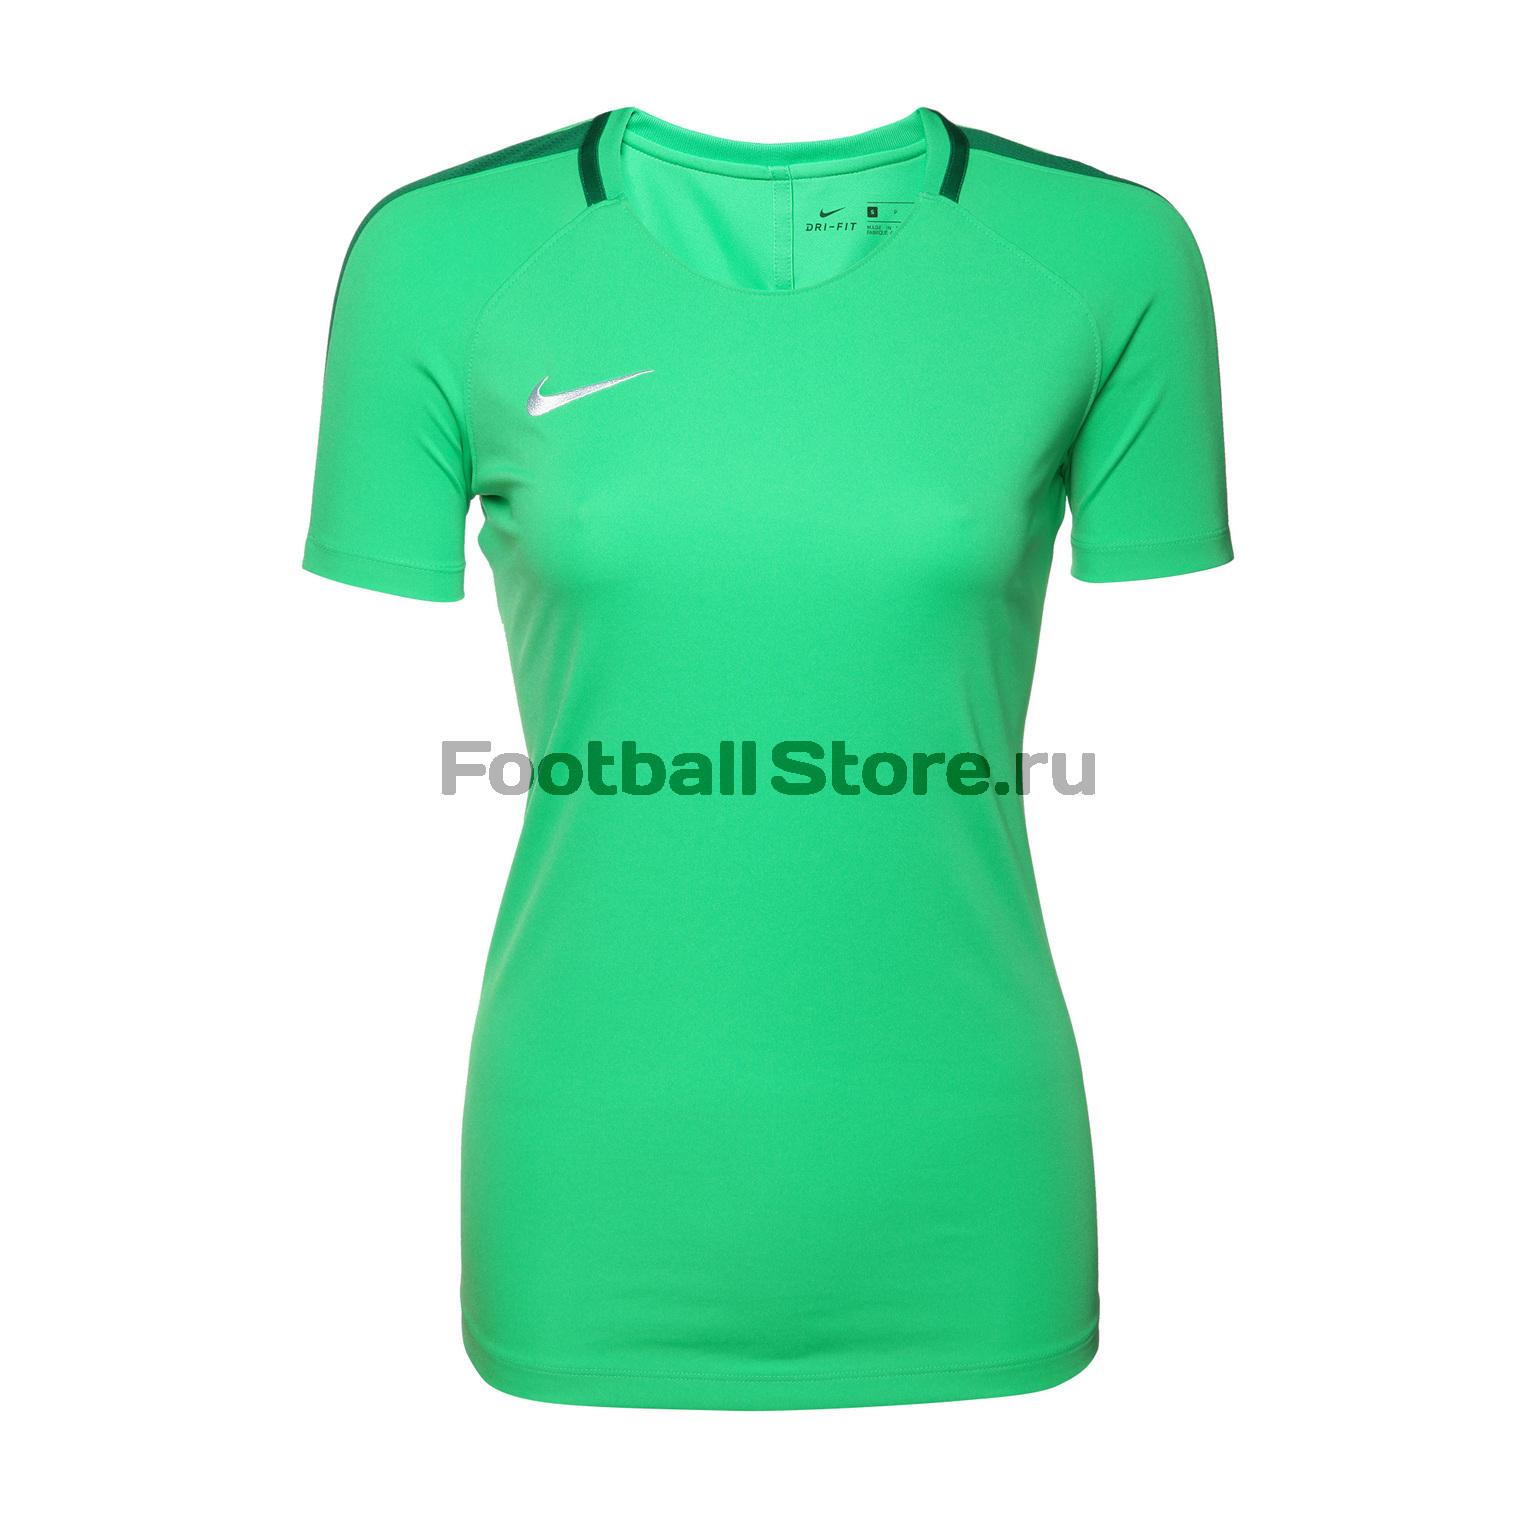 Футболка тренировочная женская Nike Academy 893741-361 цена 2017